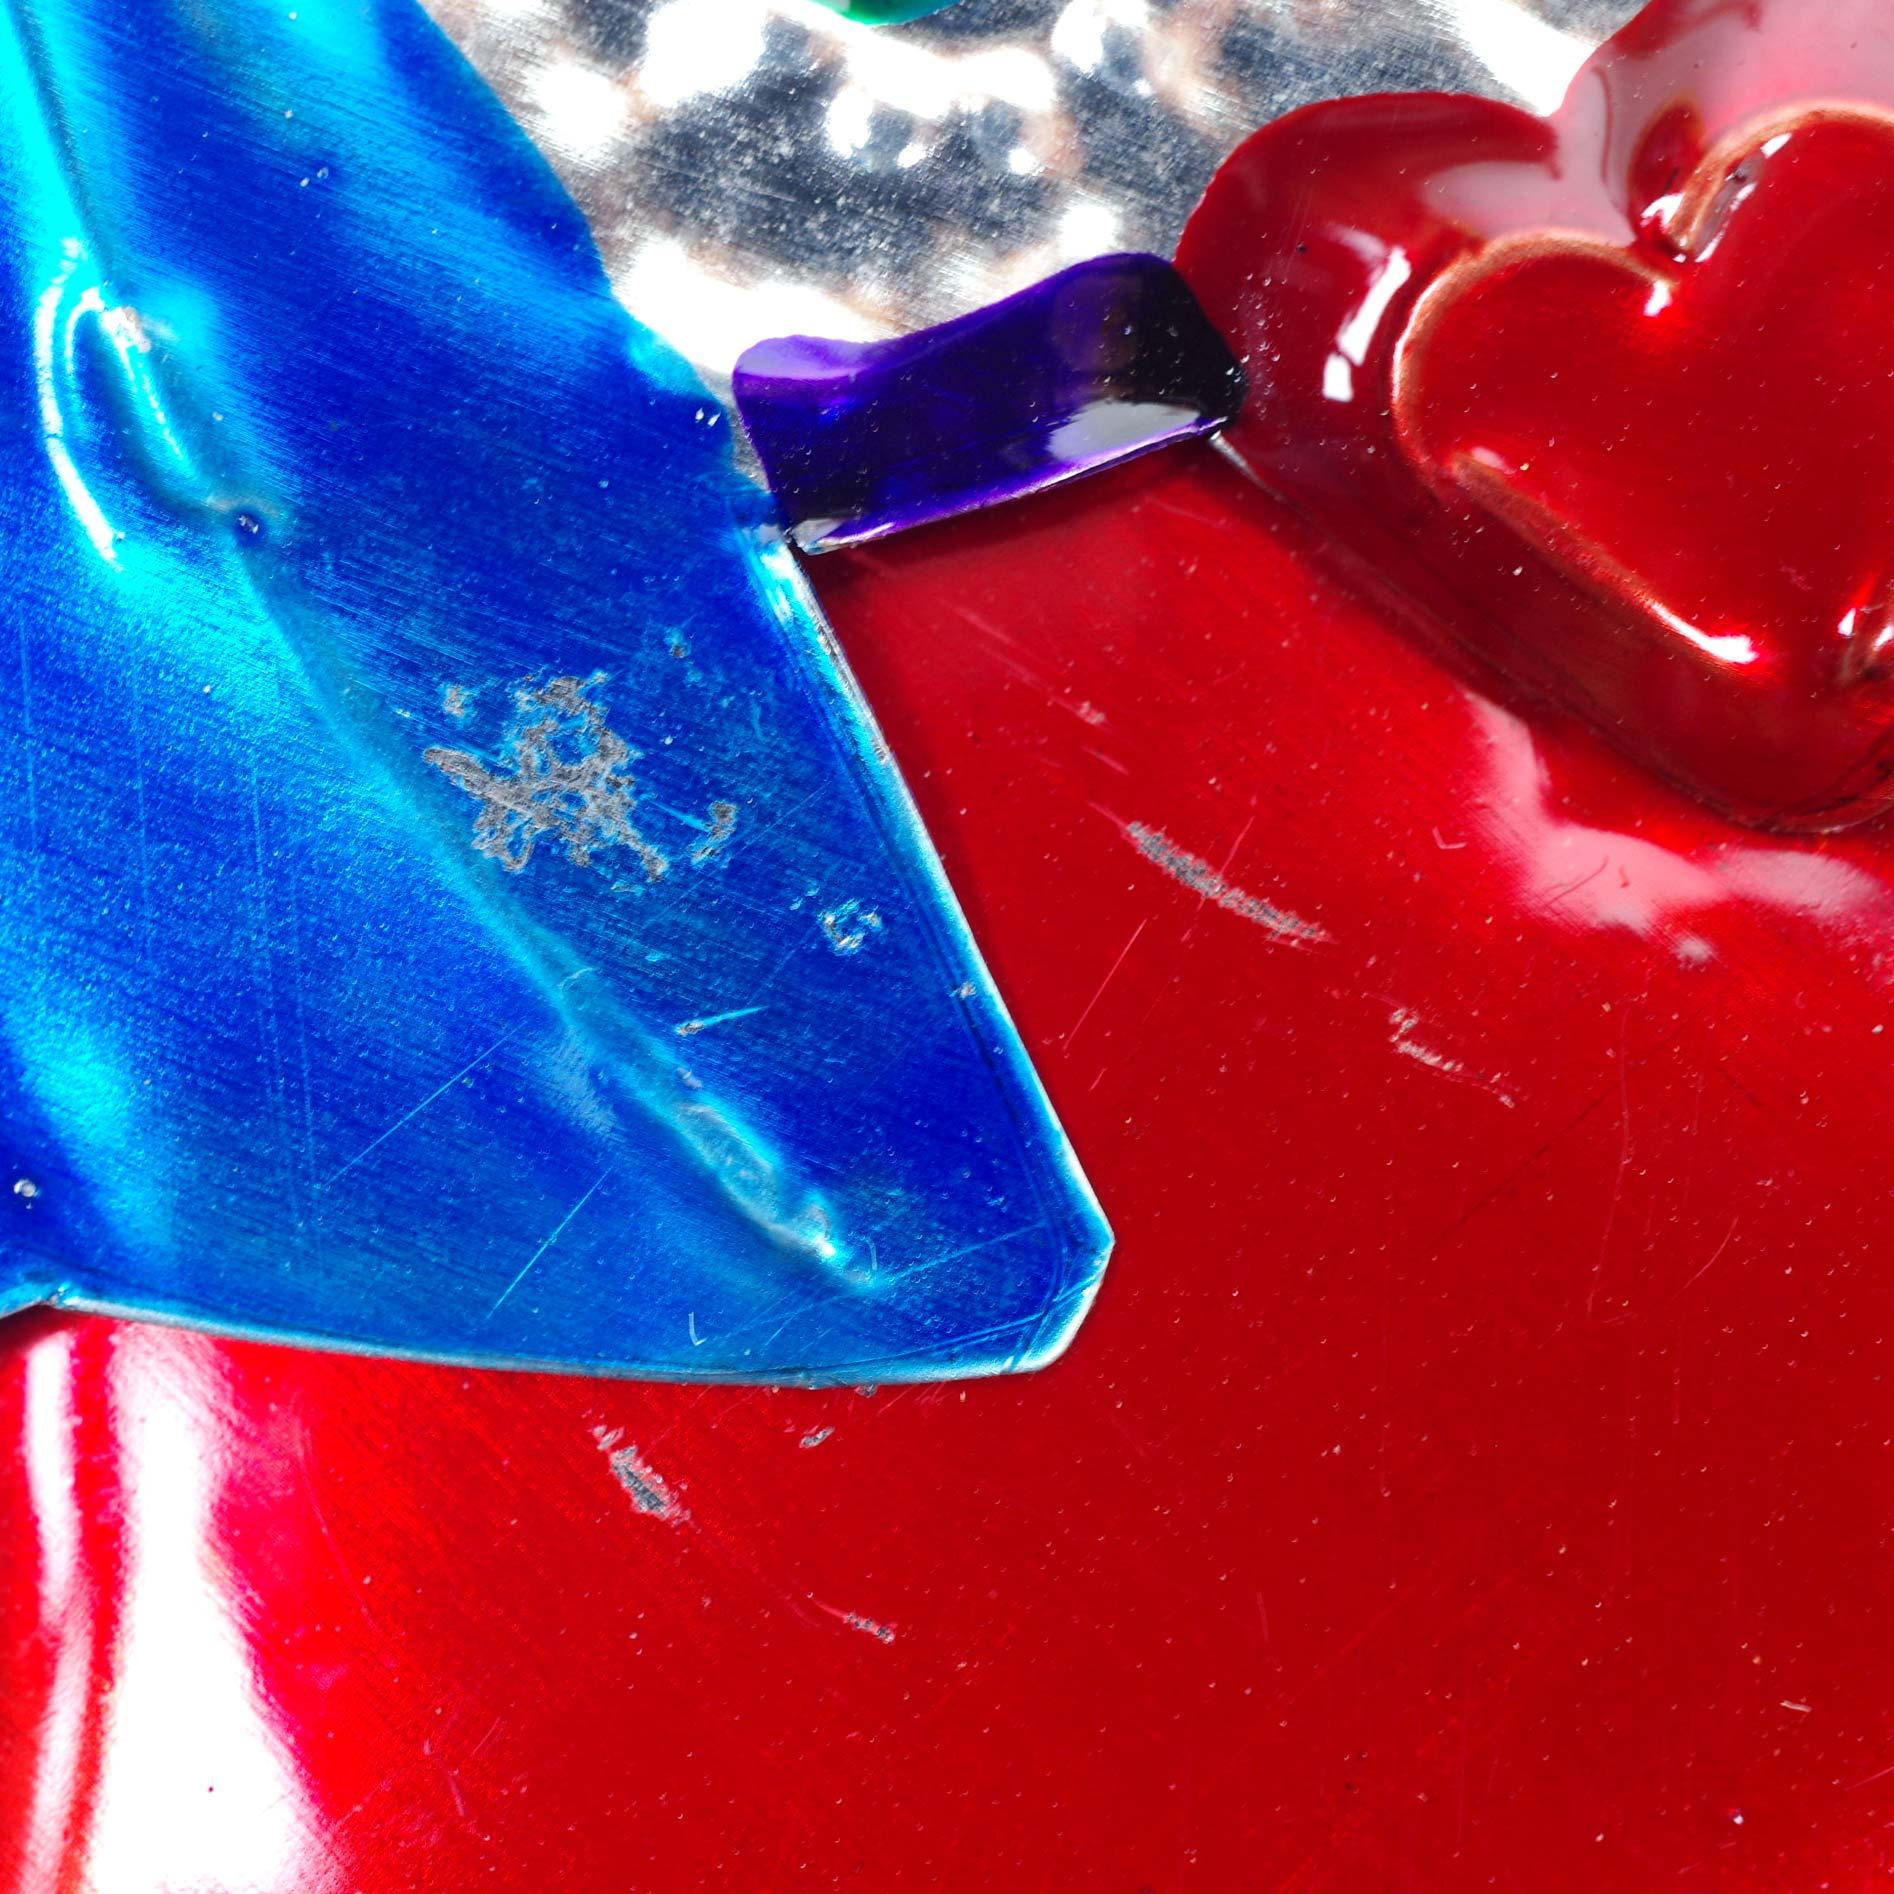 """""""オハラタハートS,ハート,コラソン,心臓,聖心,御心,オハラタ,オアハカ,インテリア,壁掛け,飾り,メキシコ,インテリア雑貨,壁飾り,メキシコ雑貨,メキシコ雑貨PAD"""""""